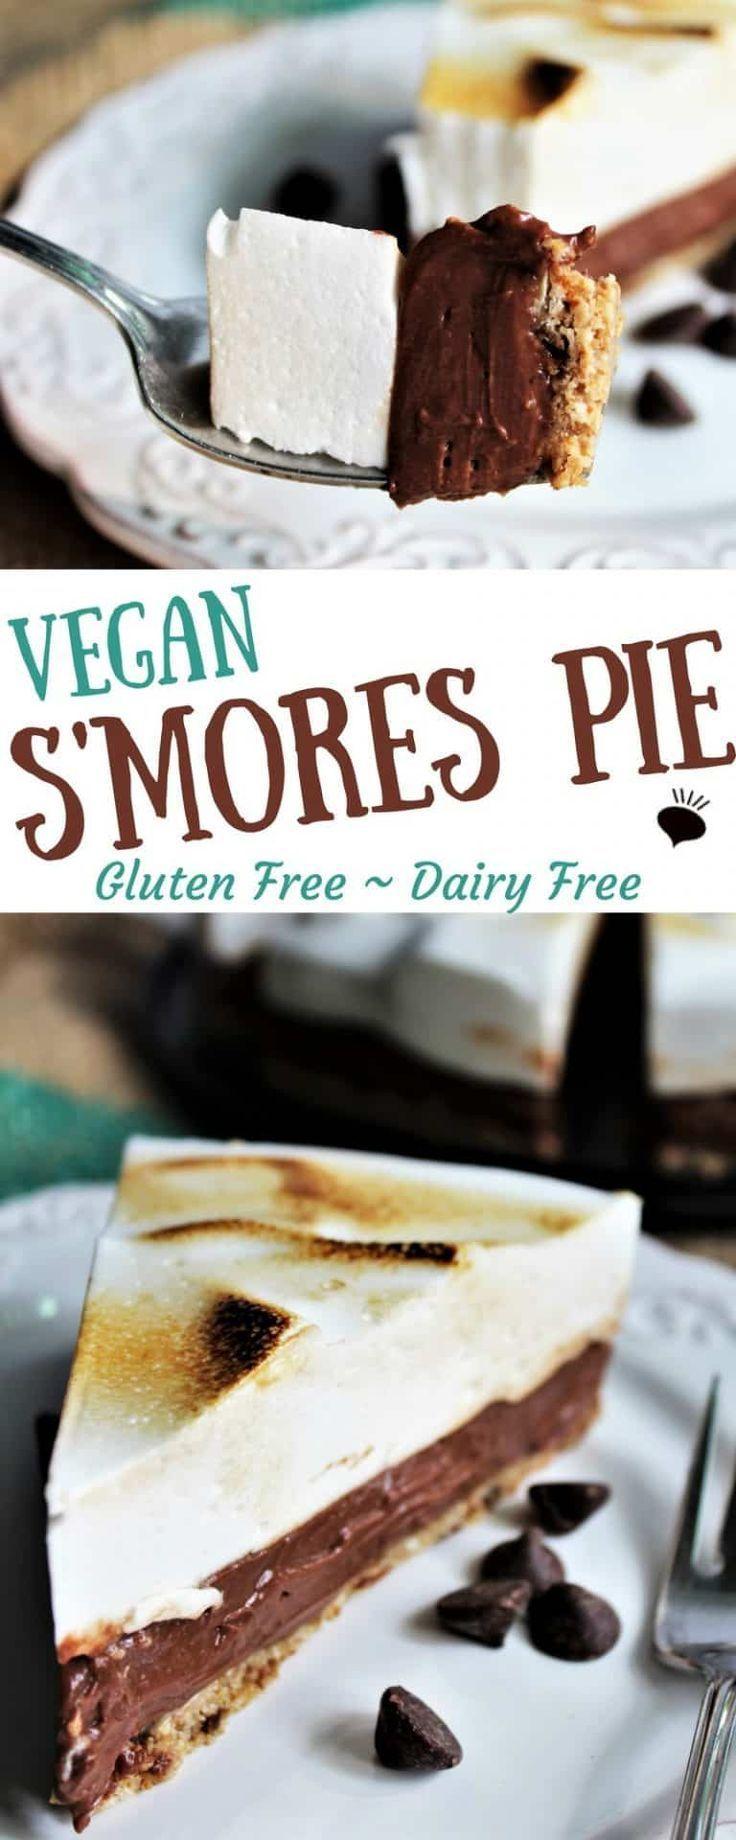 Dieser glutenfreie und vegane Sittenkuchen ist die perfekte Kombination aus …